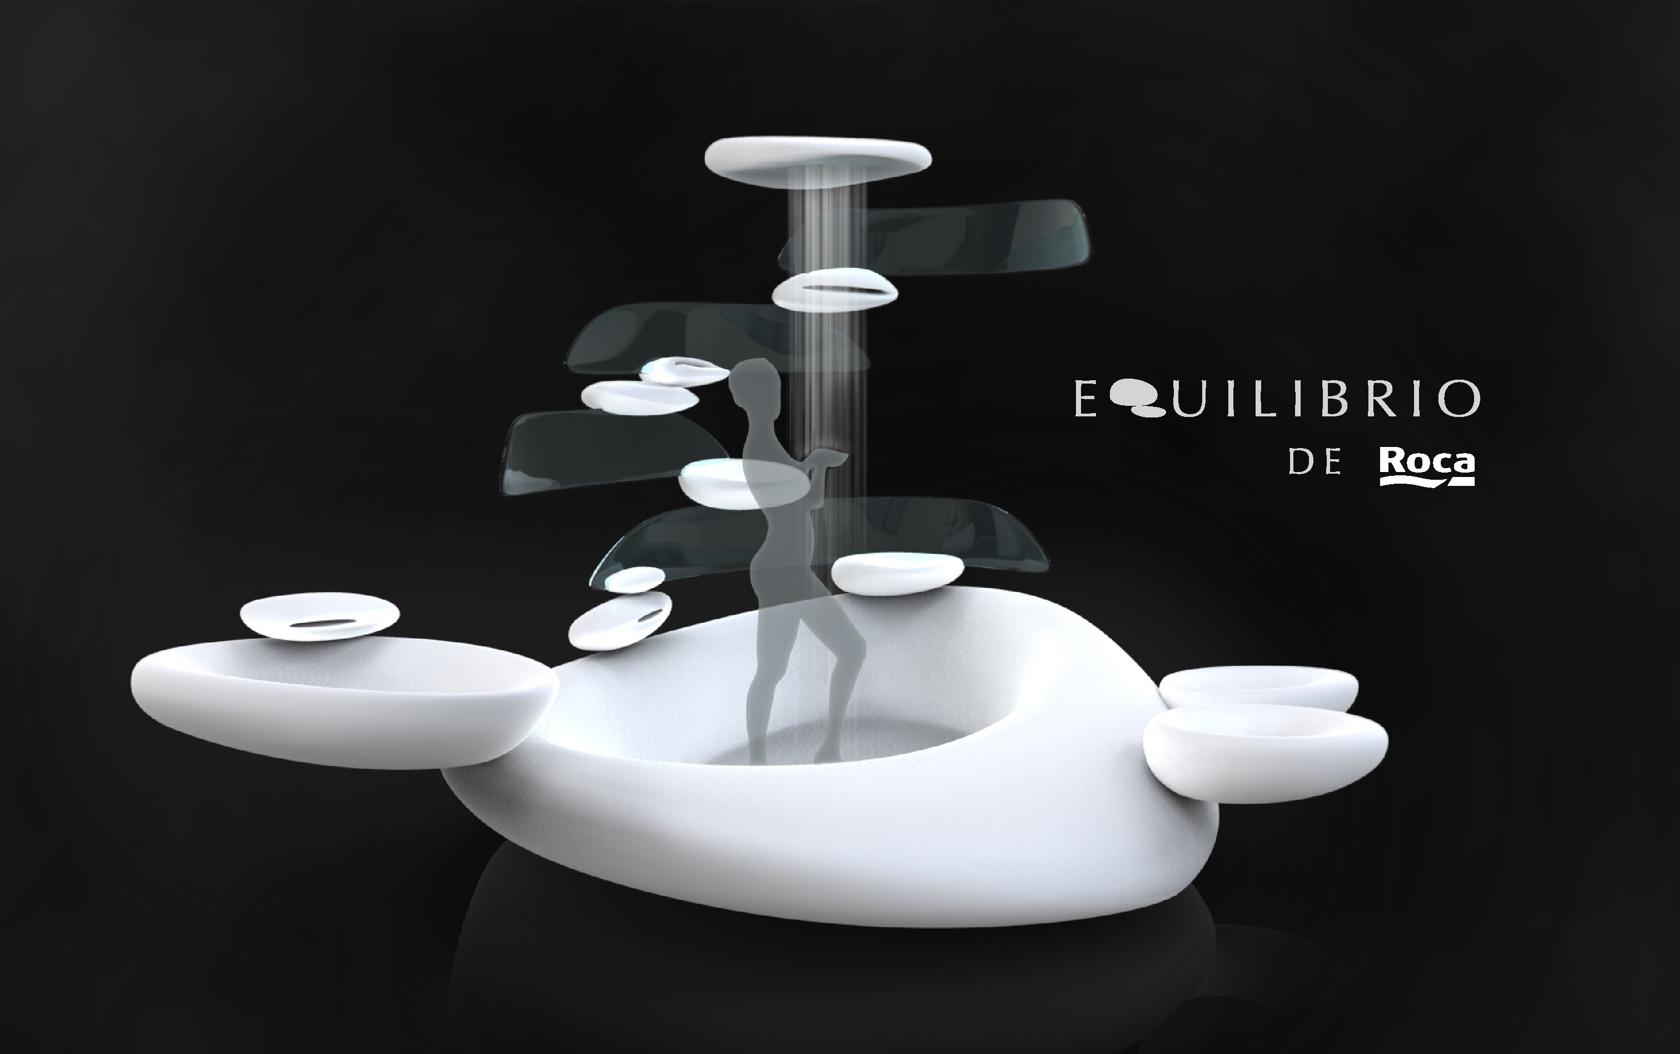 Equilibrio de Roca by Fabio Besti